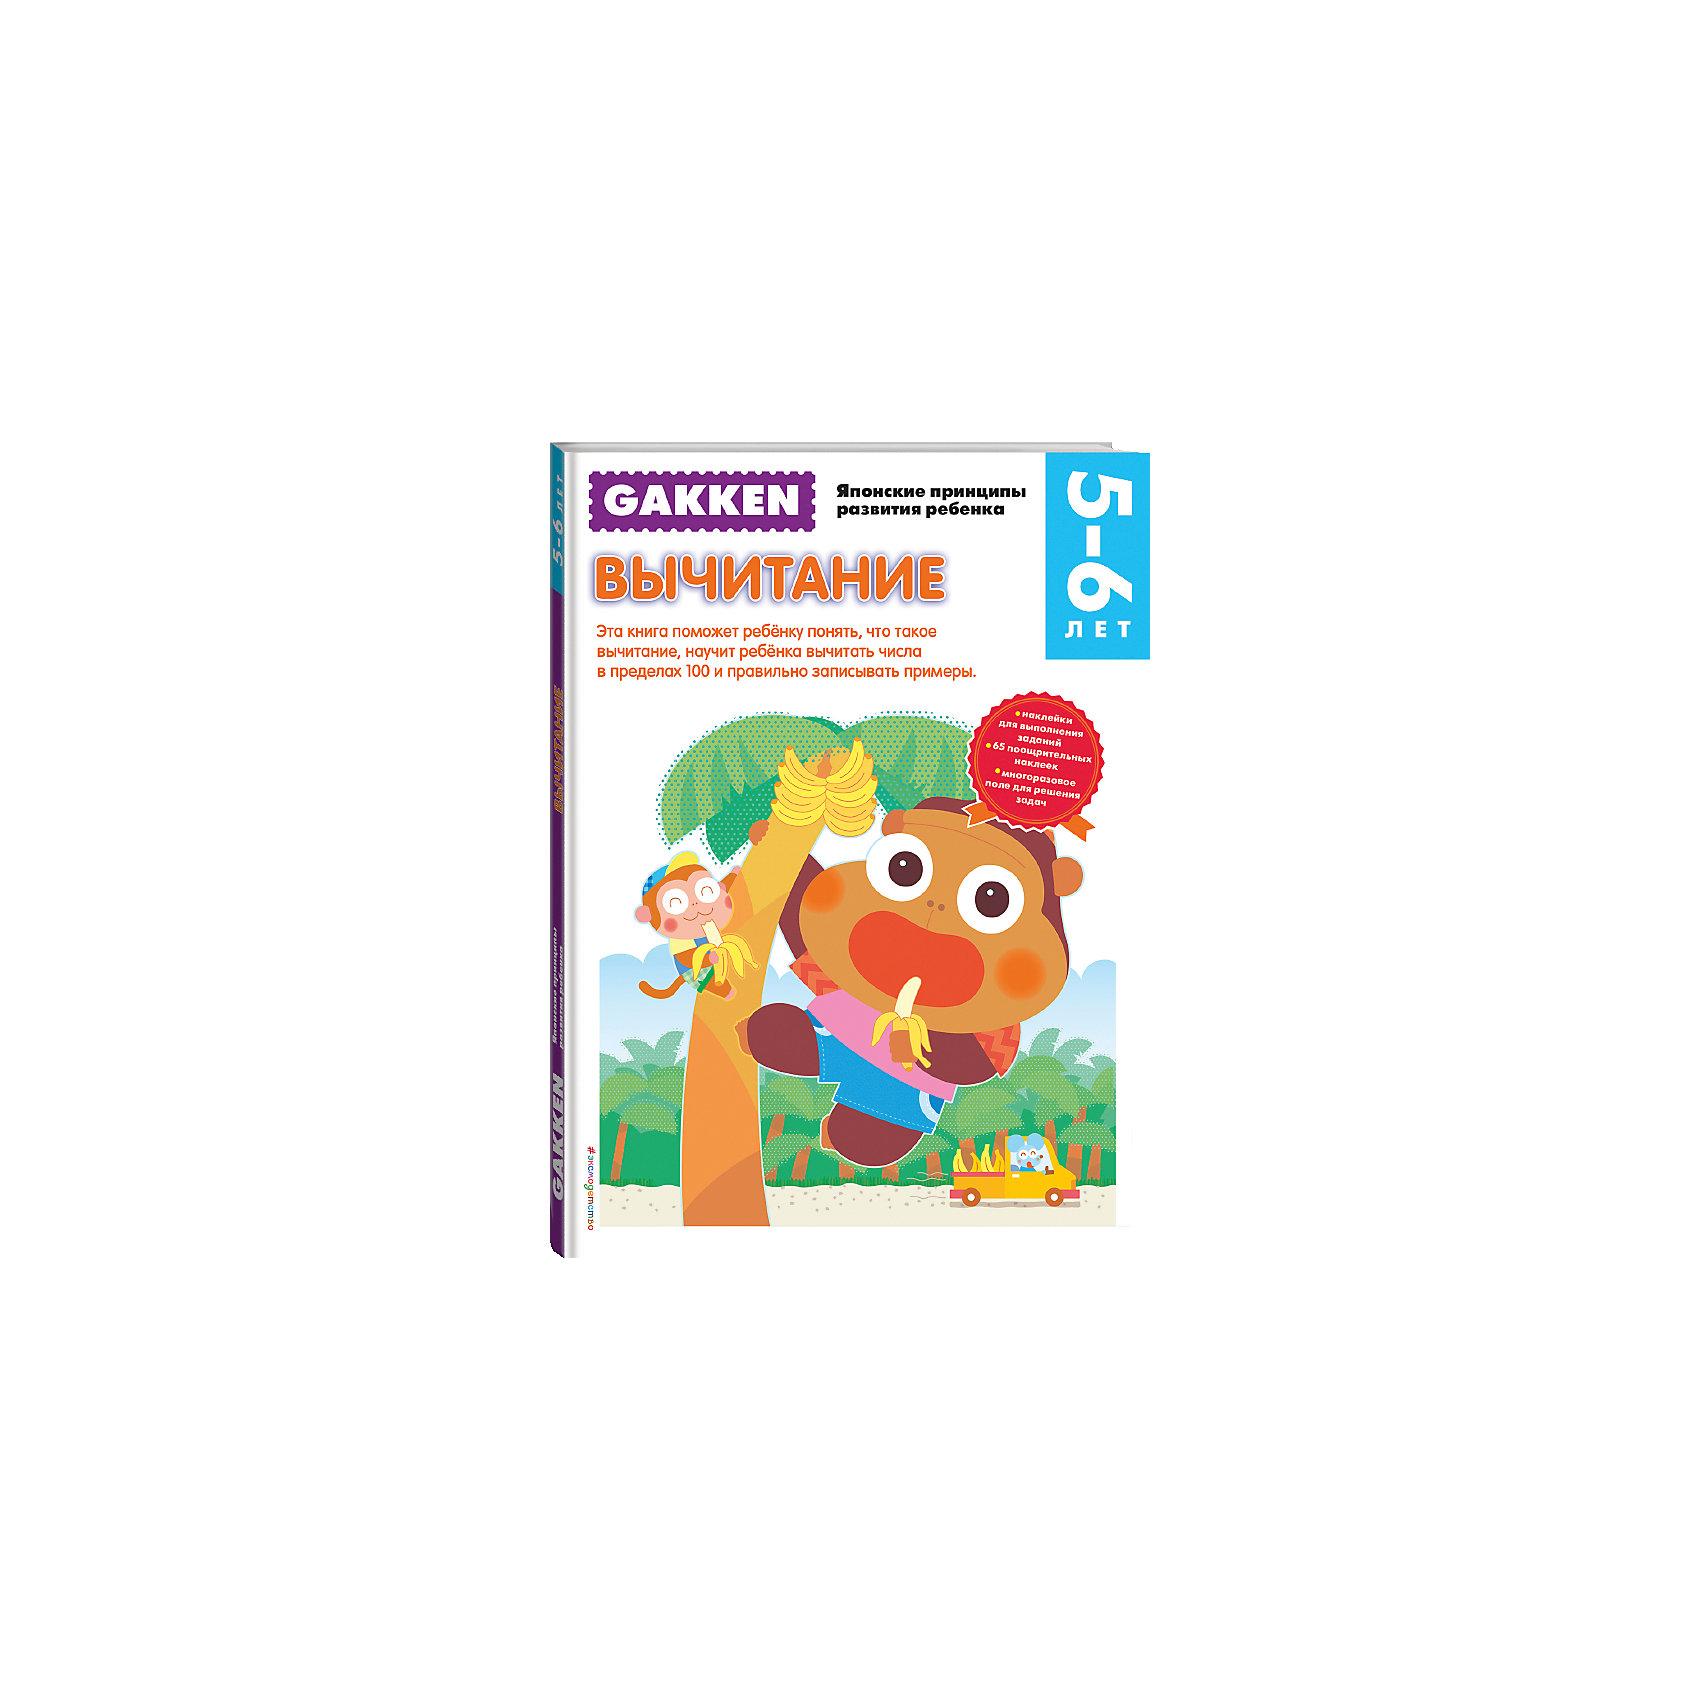 Тетрадь Вычитание, 4+, GakkenПособия для обучения счёту<br>Характеристики товара: <br><br>• ISBN: 9785699871551<br>• возраст от: 4 лет<br>• формат: 90x60/8<br>• бумага: офсет<br>• обложка: мягкая<br>• серия: Gakken. Японские принципы развития ребенка<br>• издательство: Эксмо-Пресс<br>• иллюстрации: черно-белые, цветные<br>• переводчик: Анисимова Екатерина<br>• количество страниц: 64<br>• размеры: 21x29 см<br><br>Тетрадь «Вычитание, 4+» - это часть известной японской методики обучения детей. С помощью такой тетради ребенок сможет научиться считать, а также освоить другие навыки.<br><br>Данная тетрадь позволит ребенку развивать свое мышление и готовиться к школе. Задания интересные и несложные. Для детей дошкольного возраста.<br><br>Рабочую тетрадь «Вычитание, 4+» можно купить в нашем интернет-магазине.<br><br>Ширина мм: 210<br>Глубина мм: 290<br>Высота мм: 50<br>Вес г: 285<br>Возраст от месяцев: 36<br>Возраст до месяцев: 2147483647<br>Пол: Унисекс<br>Возраст: Детский<br>SKU: 5535522